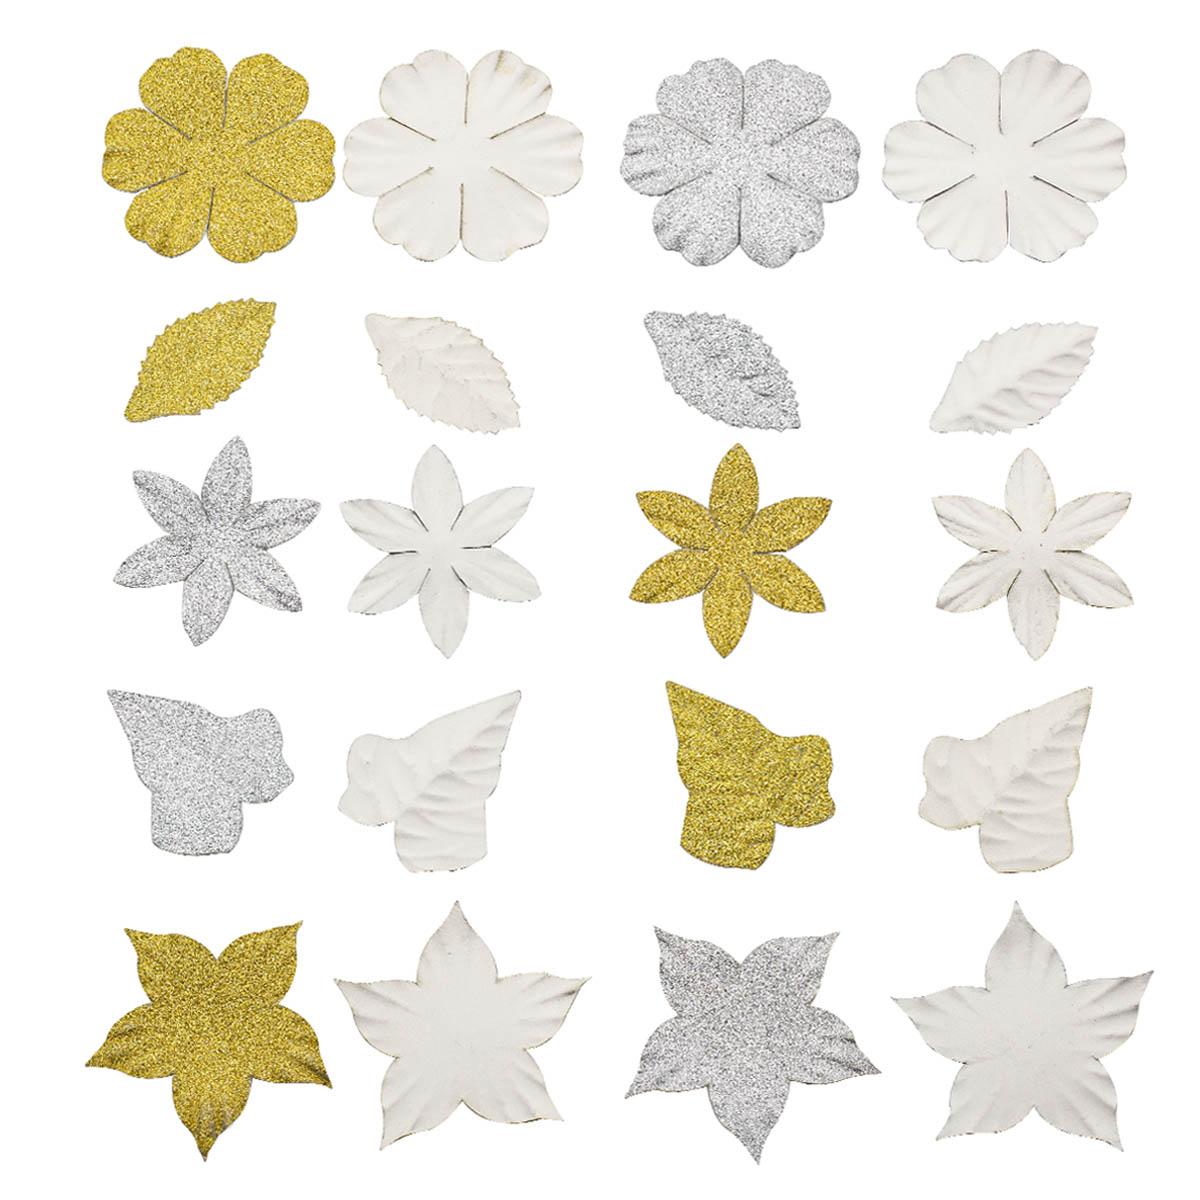 Набор бумажных лепестков с блестками 'Серебрянно-золотой микс' 80шт Астра